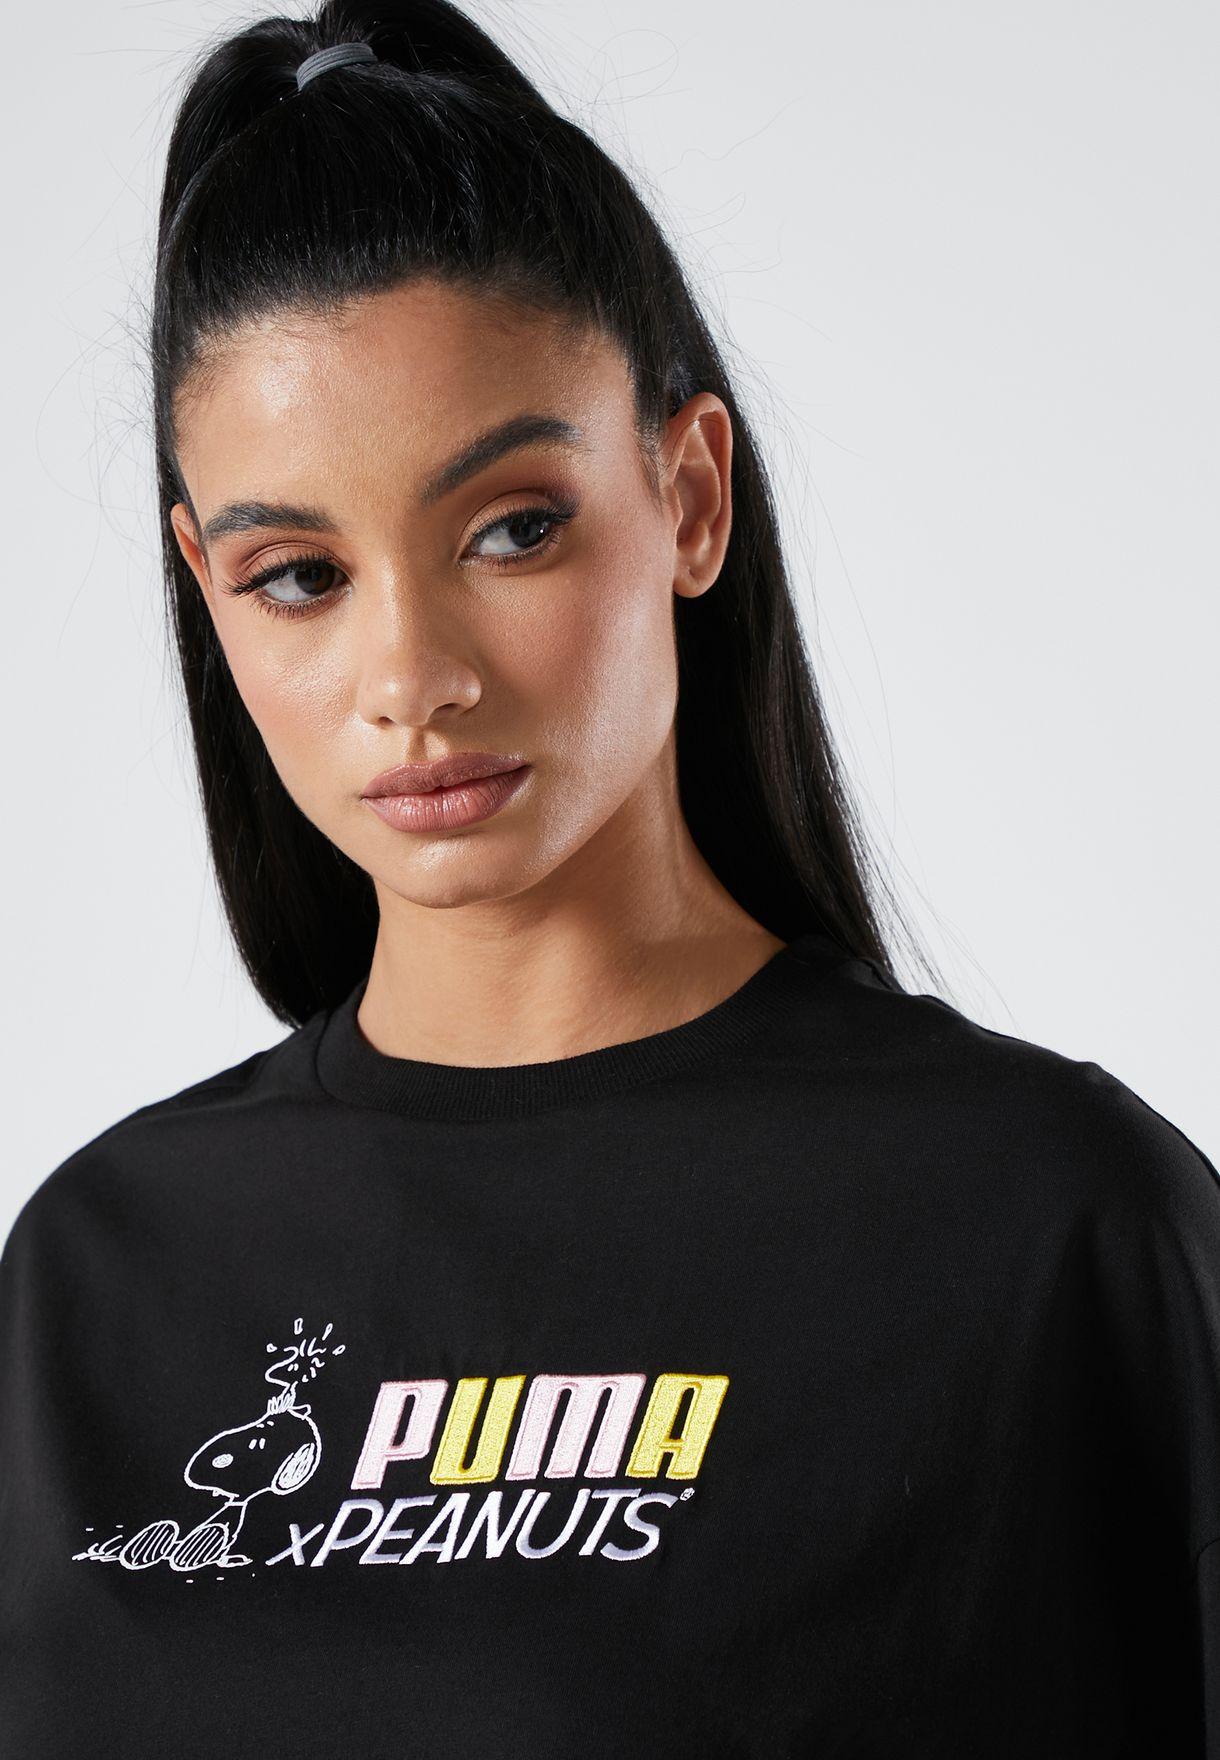 PUMA x PEANUTS women t-shirt